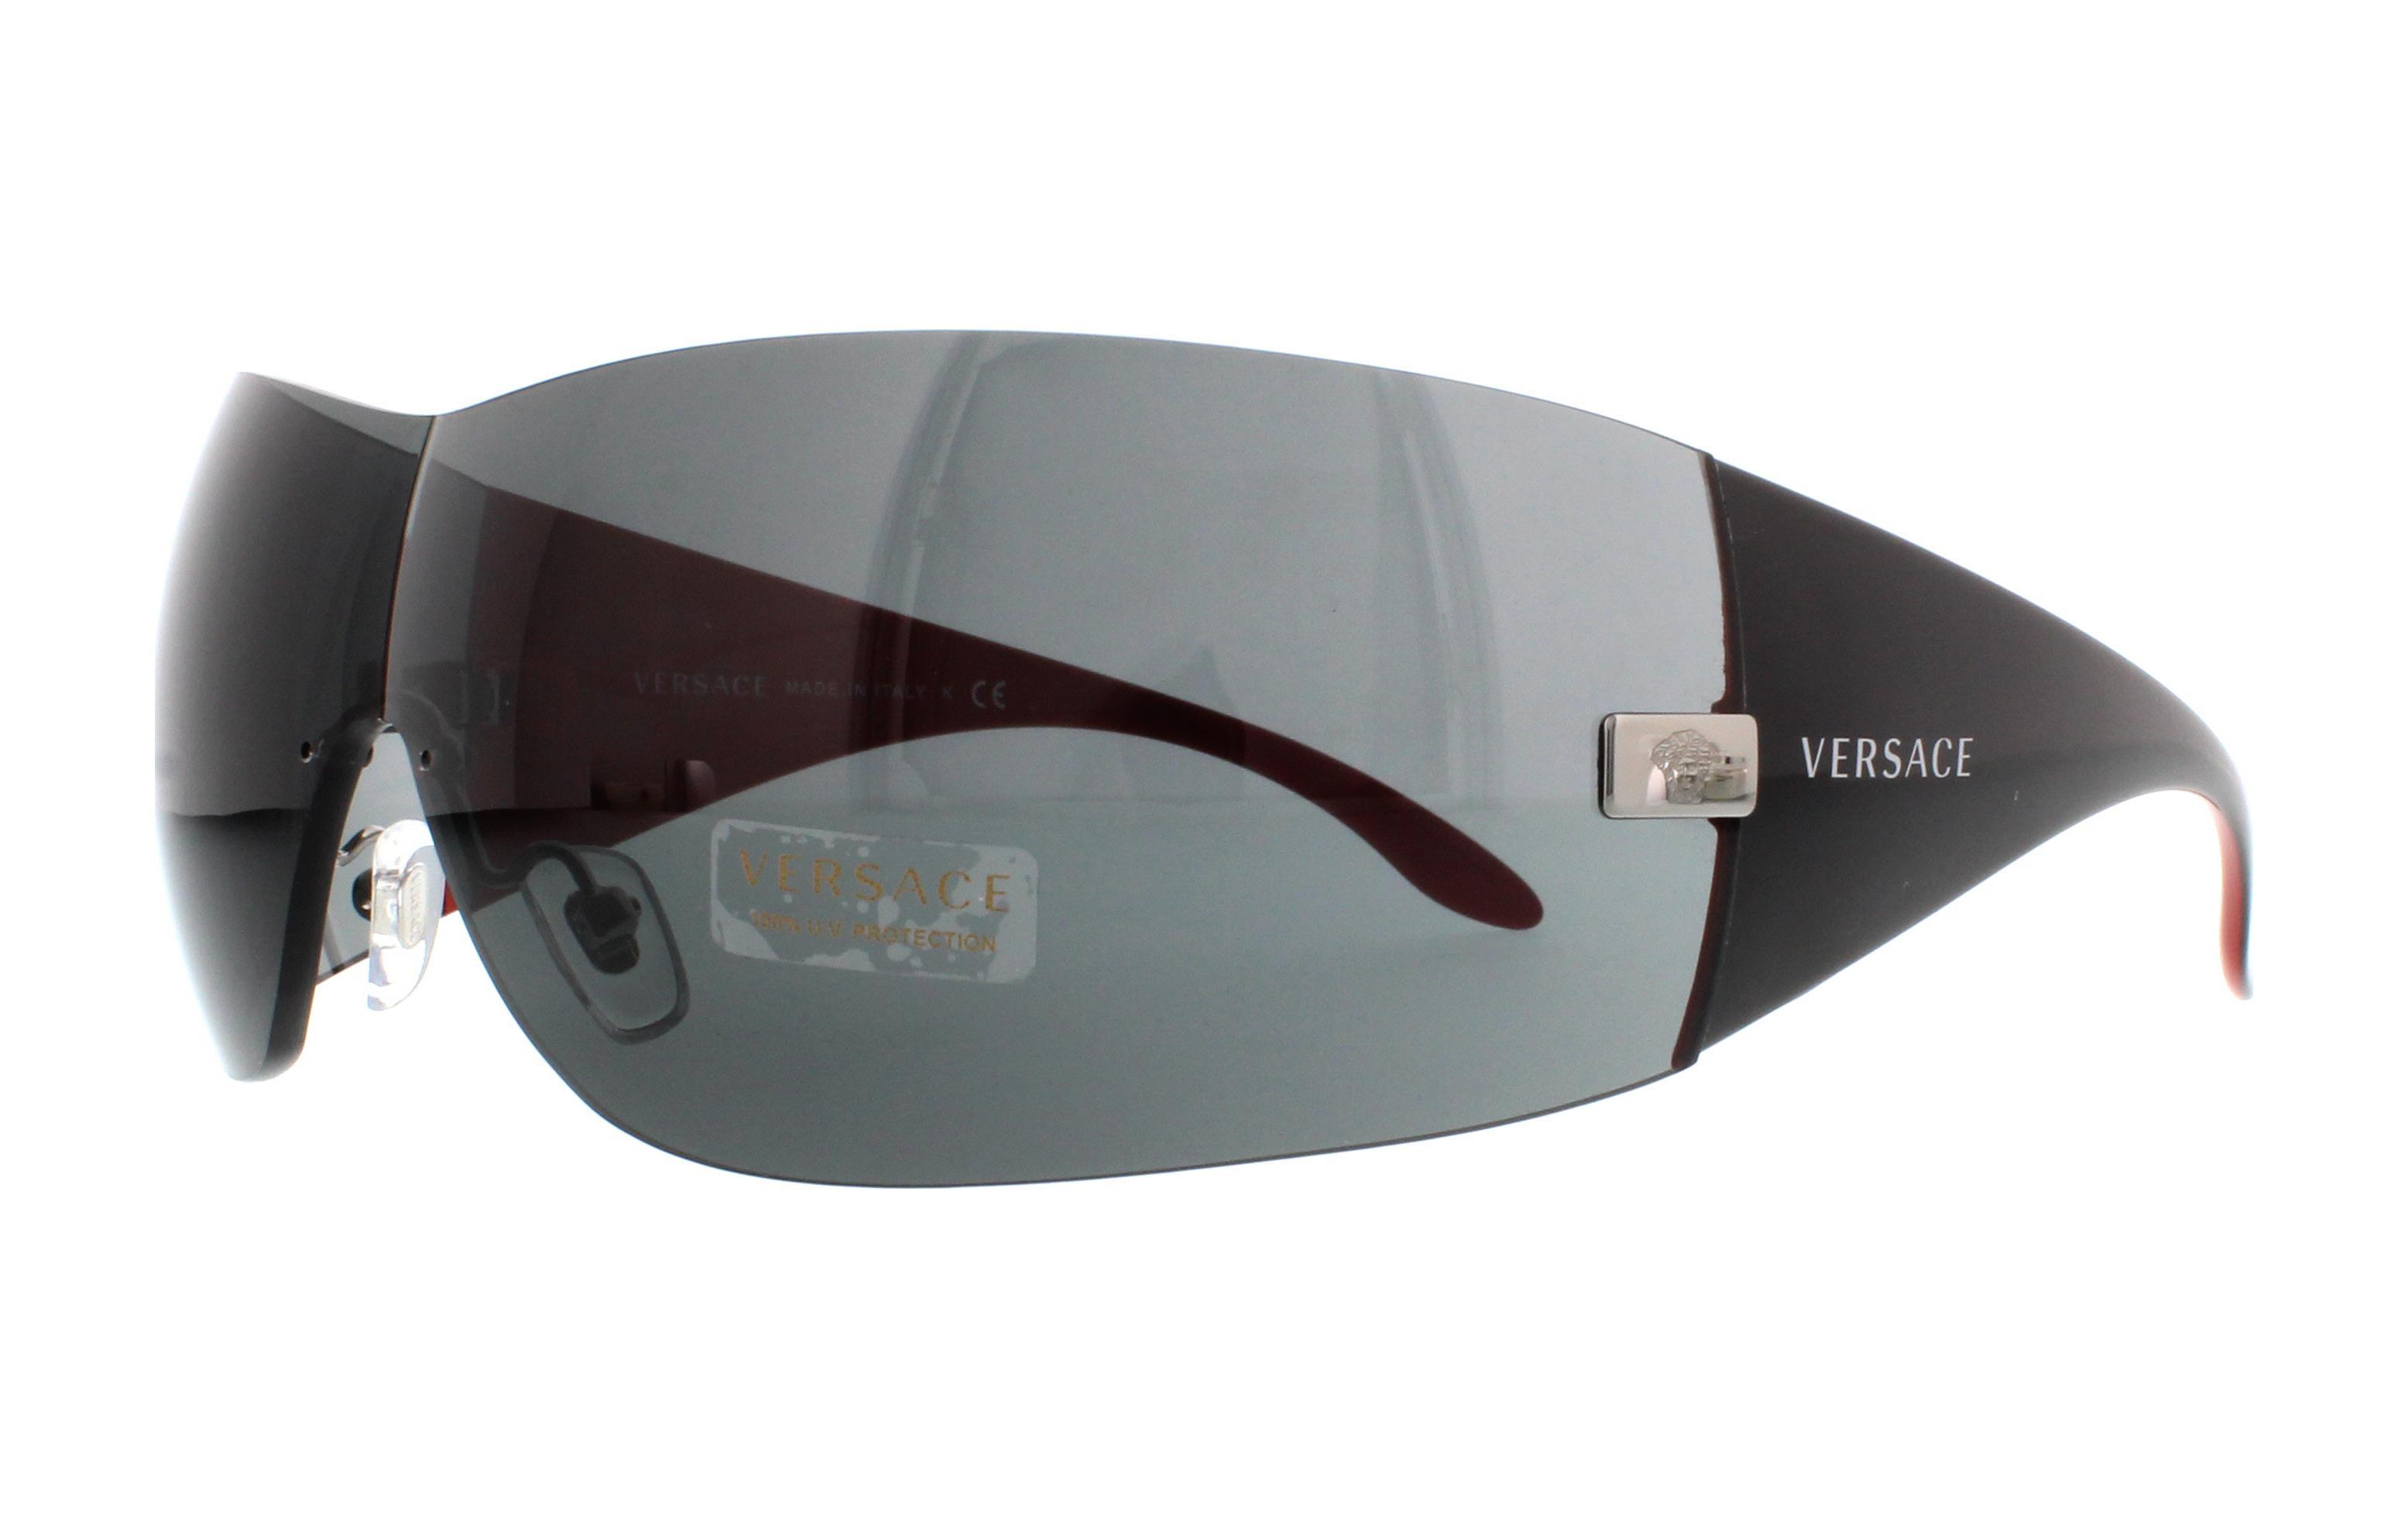 6a600108e2 Designer Frames Outlet. Versace VE2054